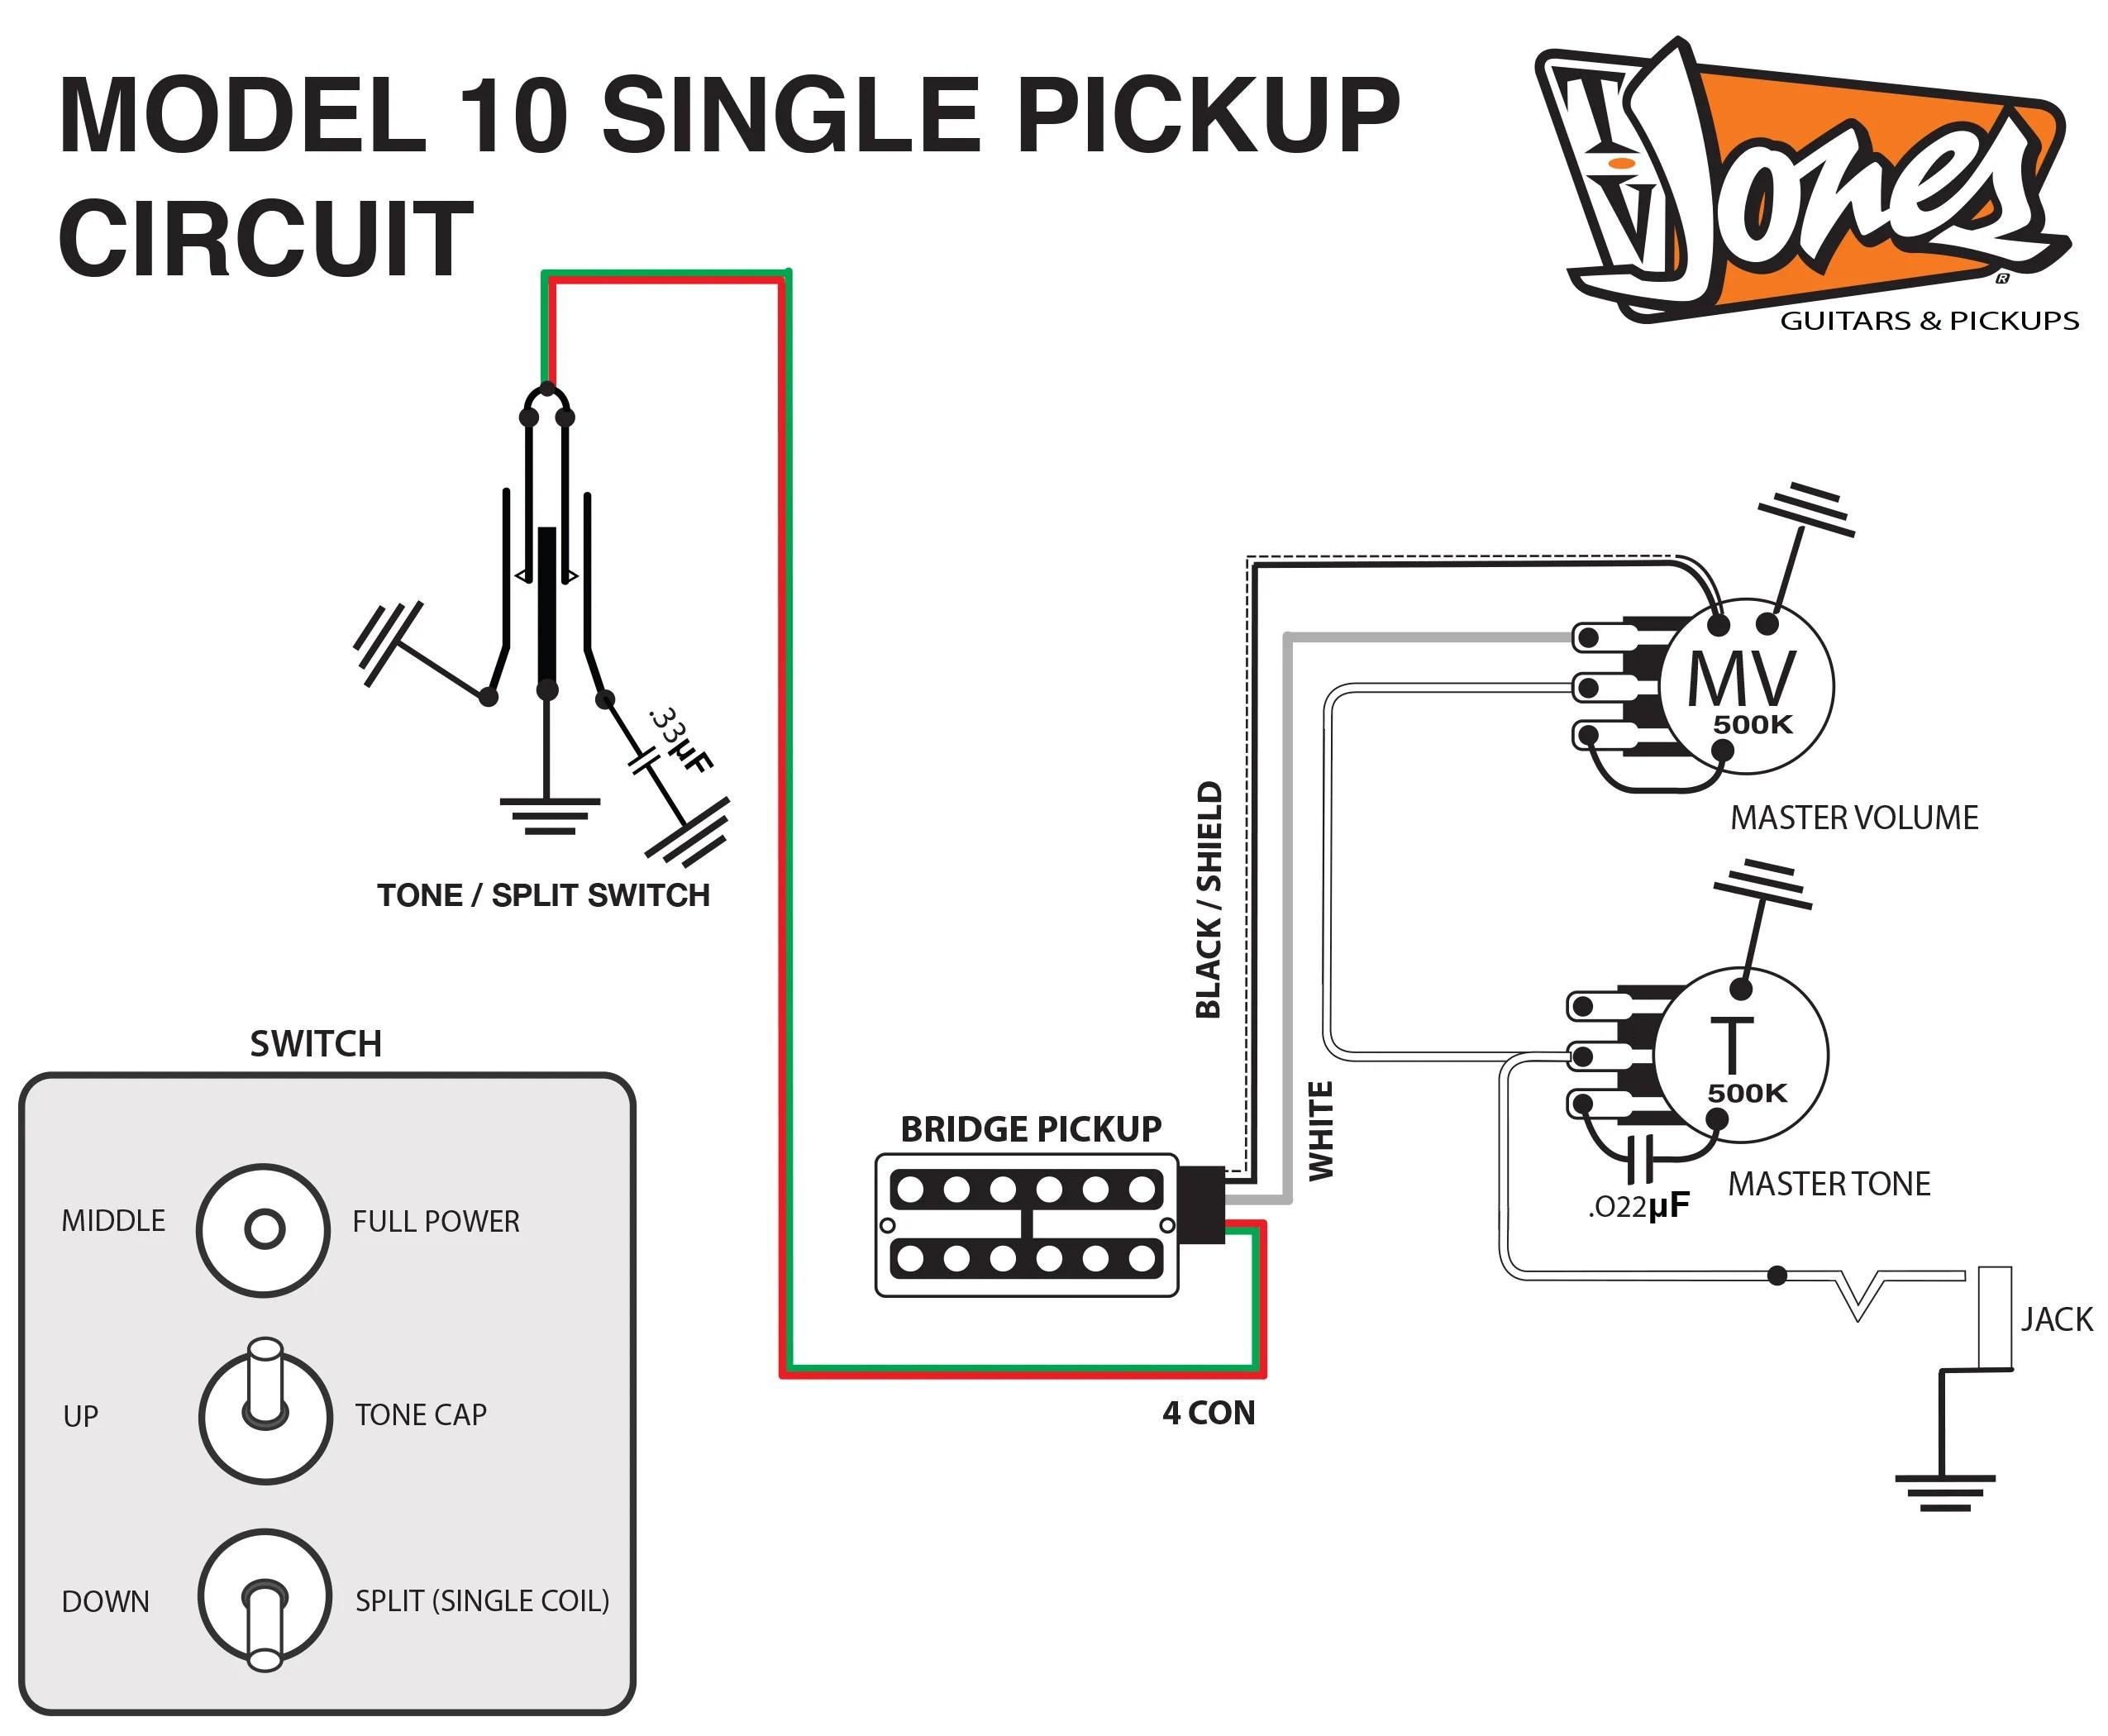 tv jones guitar schematics [ 2550 x 2100 Pixel ]